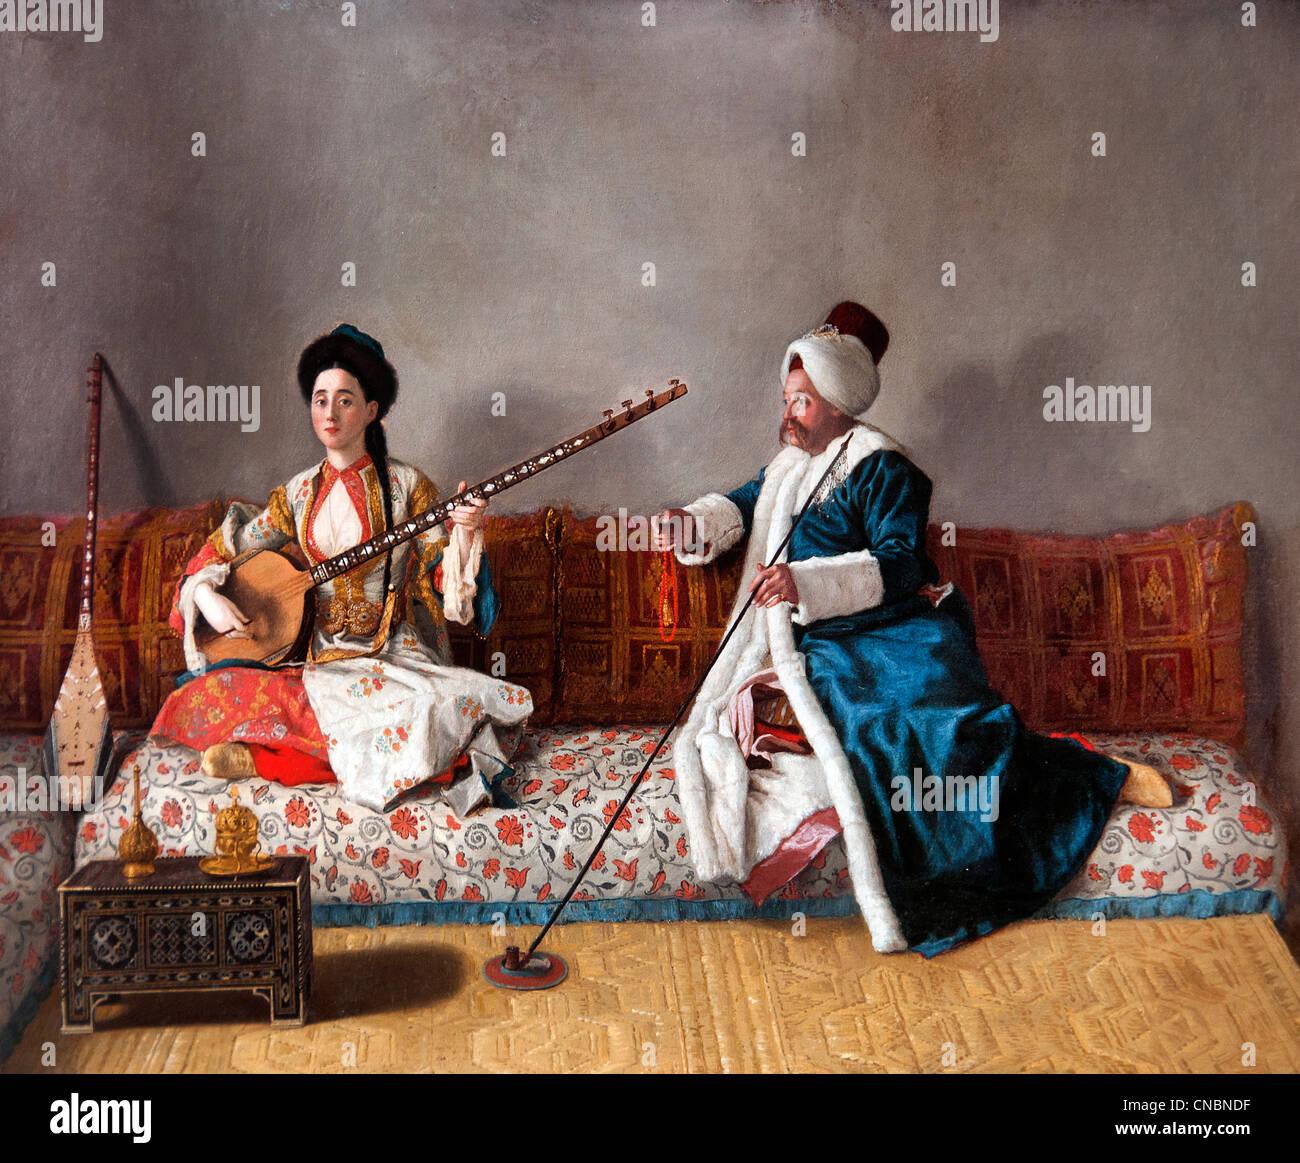 Monsieur Levett et Mademoiselle en costume turc Glavani Français Jean-étienne Liotard Constantinople Suisse Photo Stock